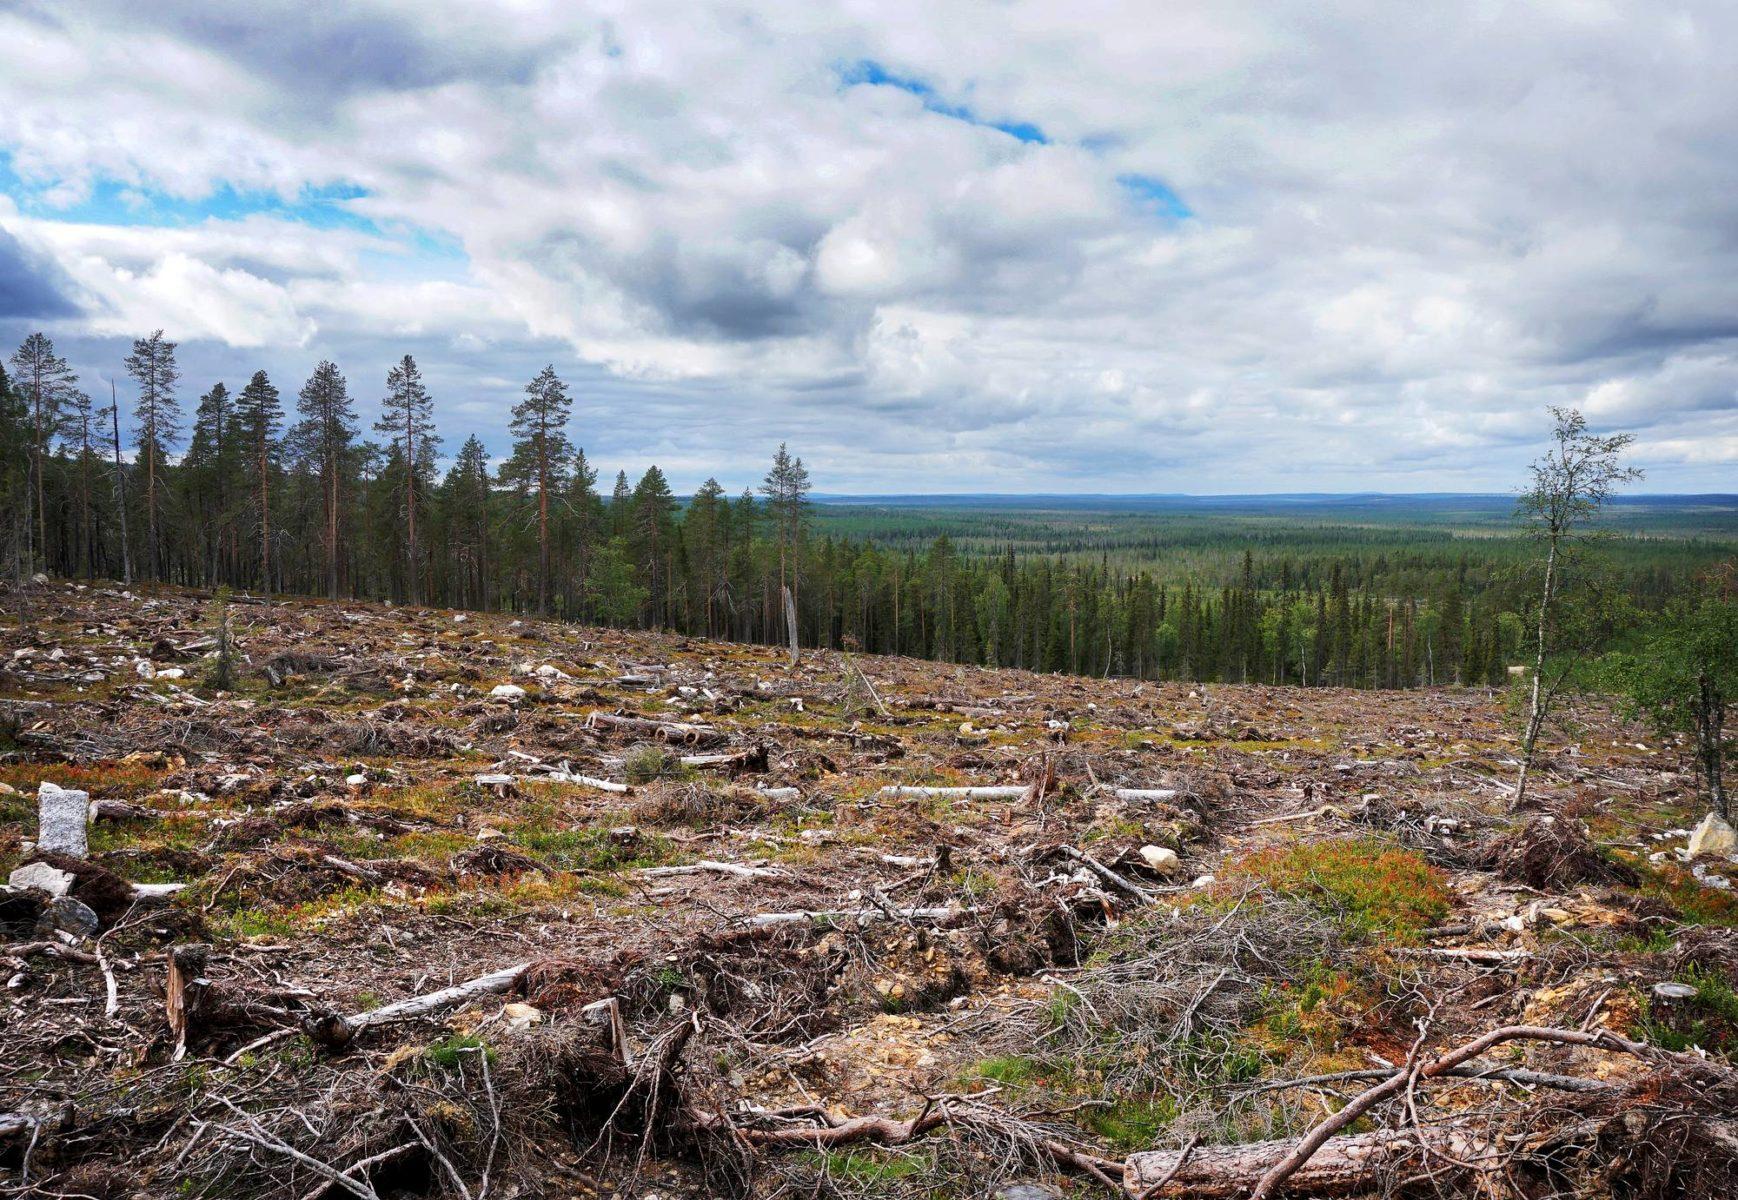 Hakkuut ovat herättäneet keskustelua Suomen metsänhoidon kestävyydestä. Kuva on otettu 13. elokuuta 2020 Sallan Lampi-Kaakkurivaarassa vuonna 2018 hakatulta alueelta.